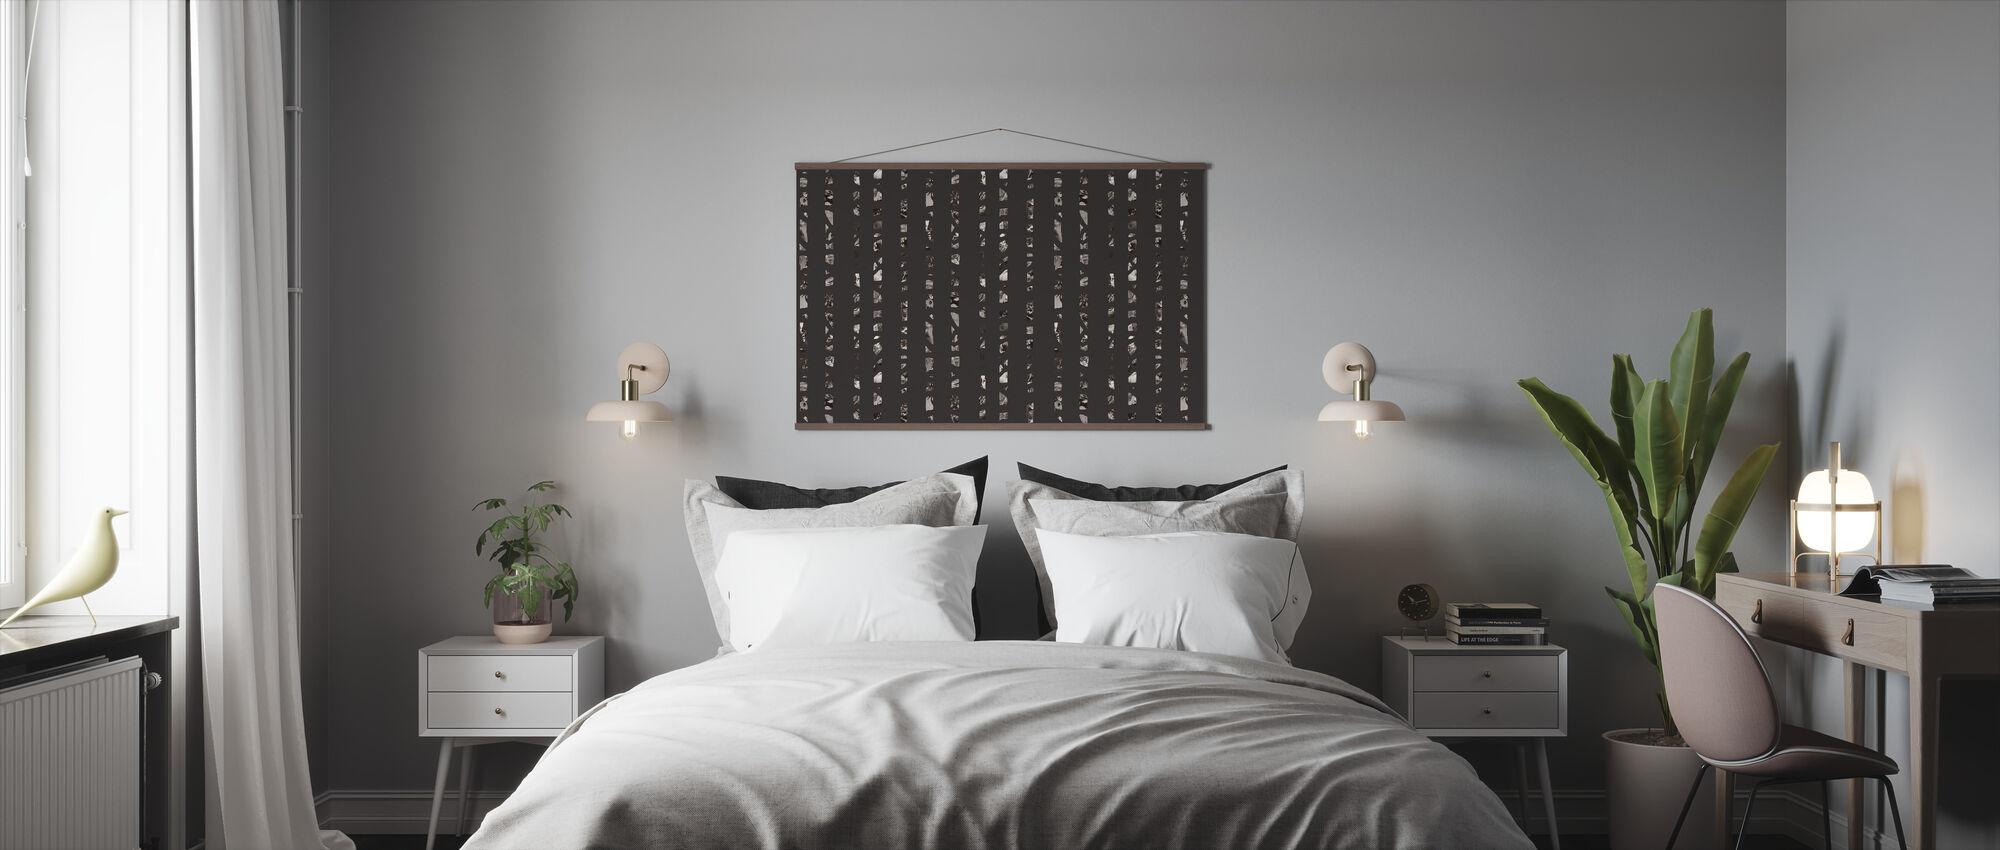 Studio Rita   Julia Heurling - Achter bomen - Donker - Poster - Slaapkamer